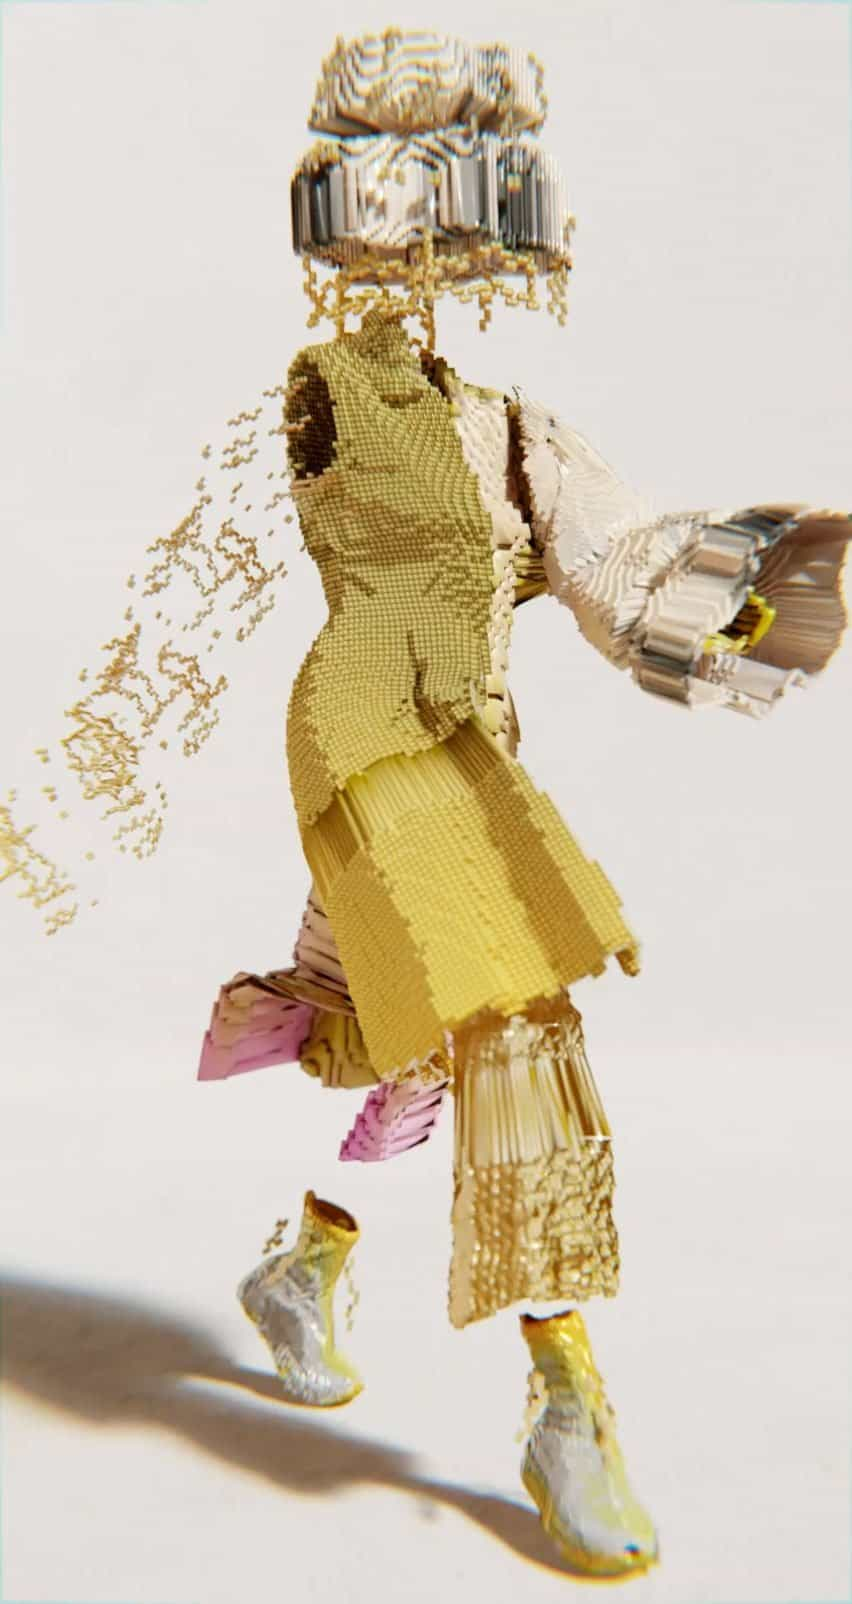 La colección Decrypted Garments incluyó un look dorado fotografiado a mitad de la caminata.